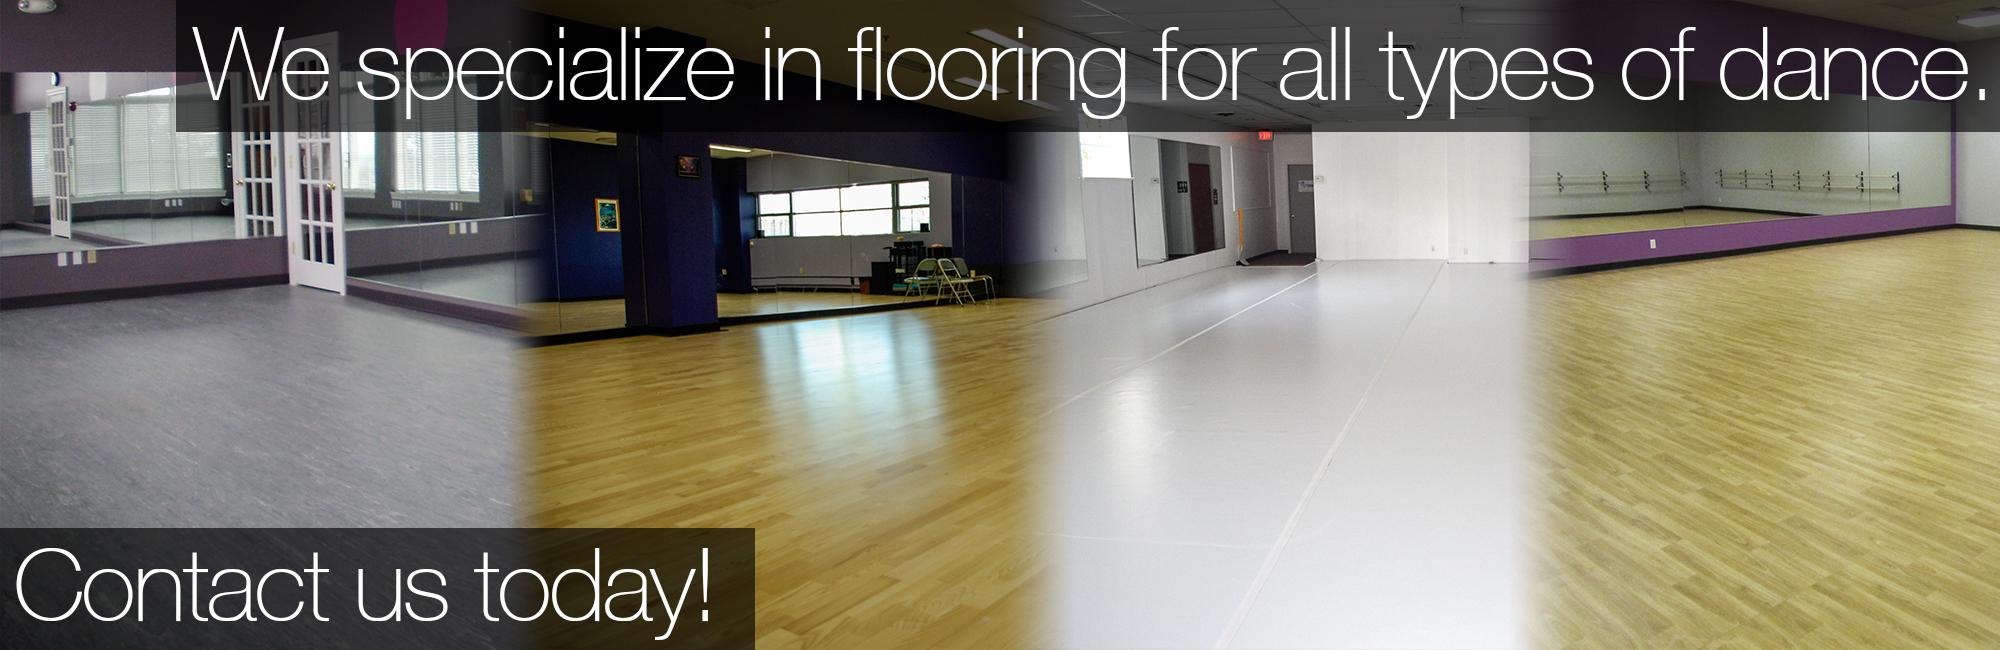 Theatre flooring, Ballroom flooring